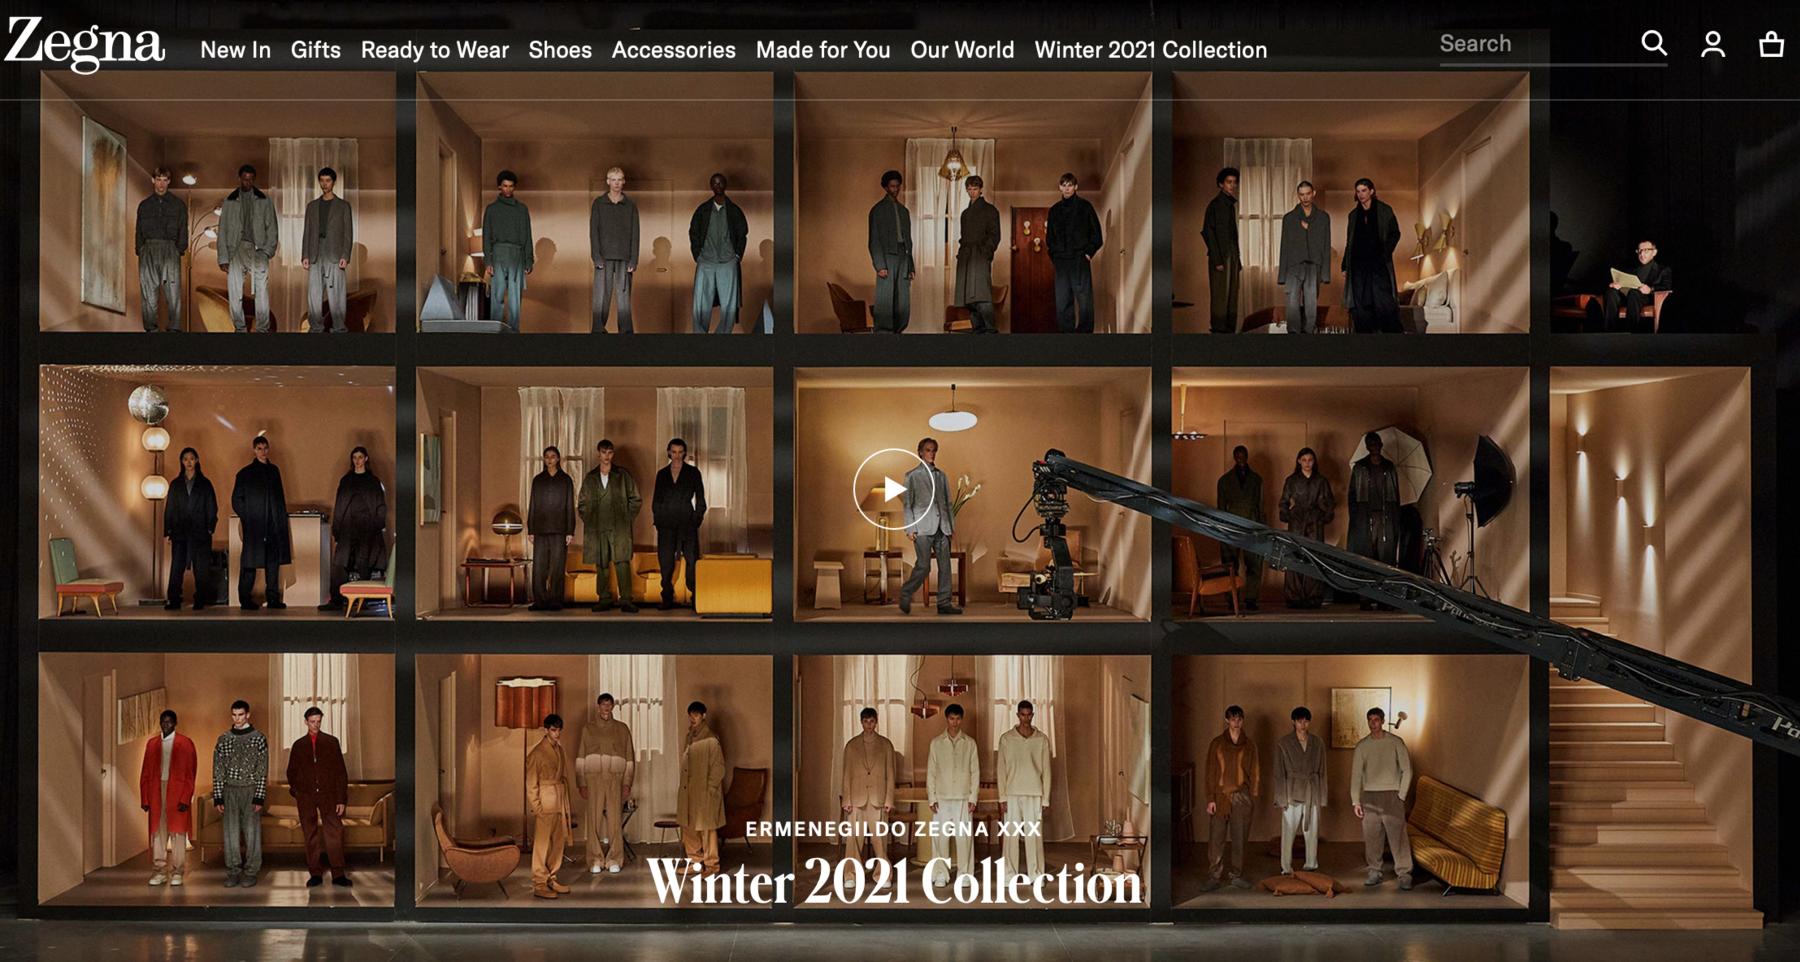 Zegna 米兰男装周开场 诠释疫情后男装新时代